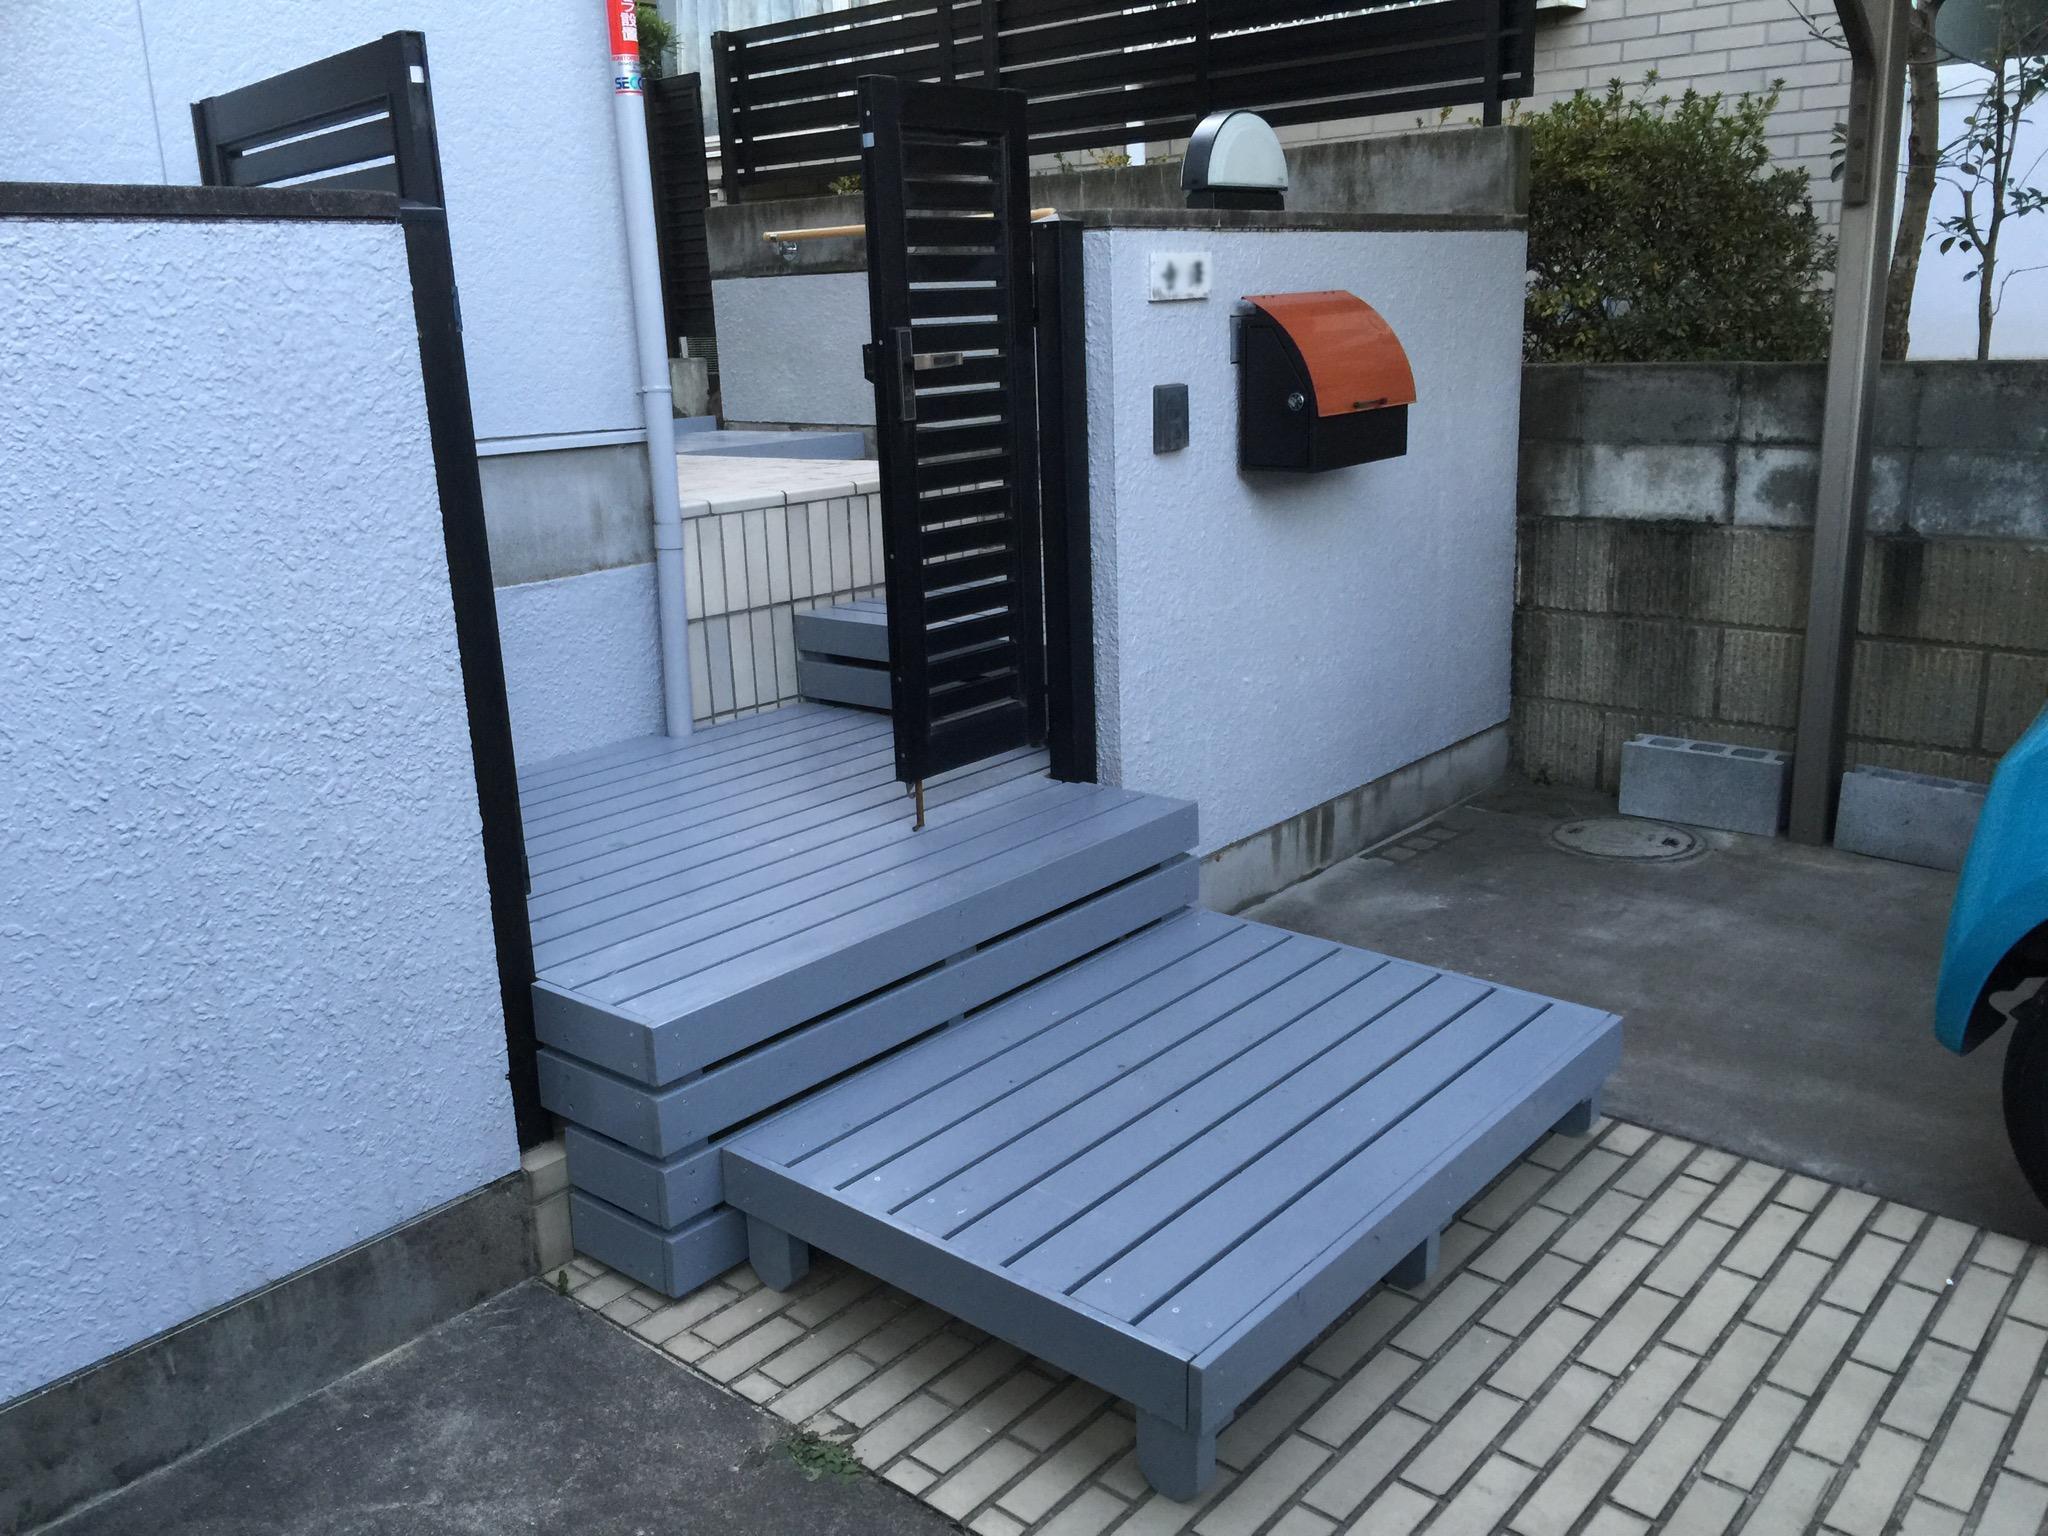 車椅子のための木製ステップによる段差解消|埼玉県東松山市のT様邸の福祉住環境整備工事